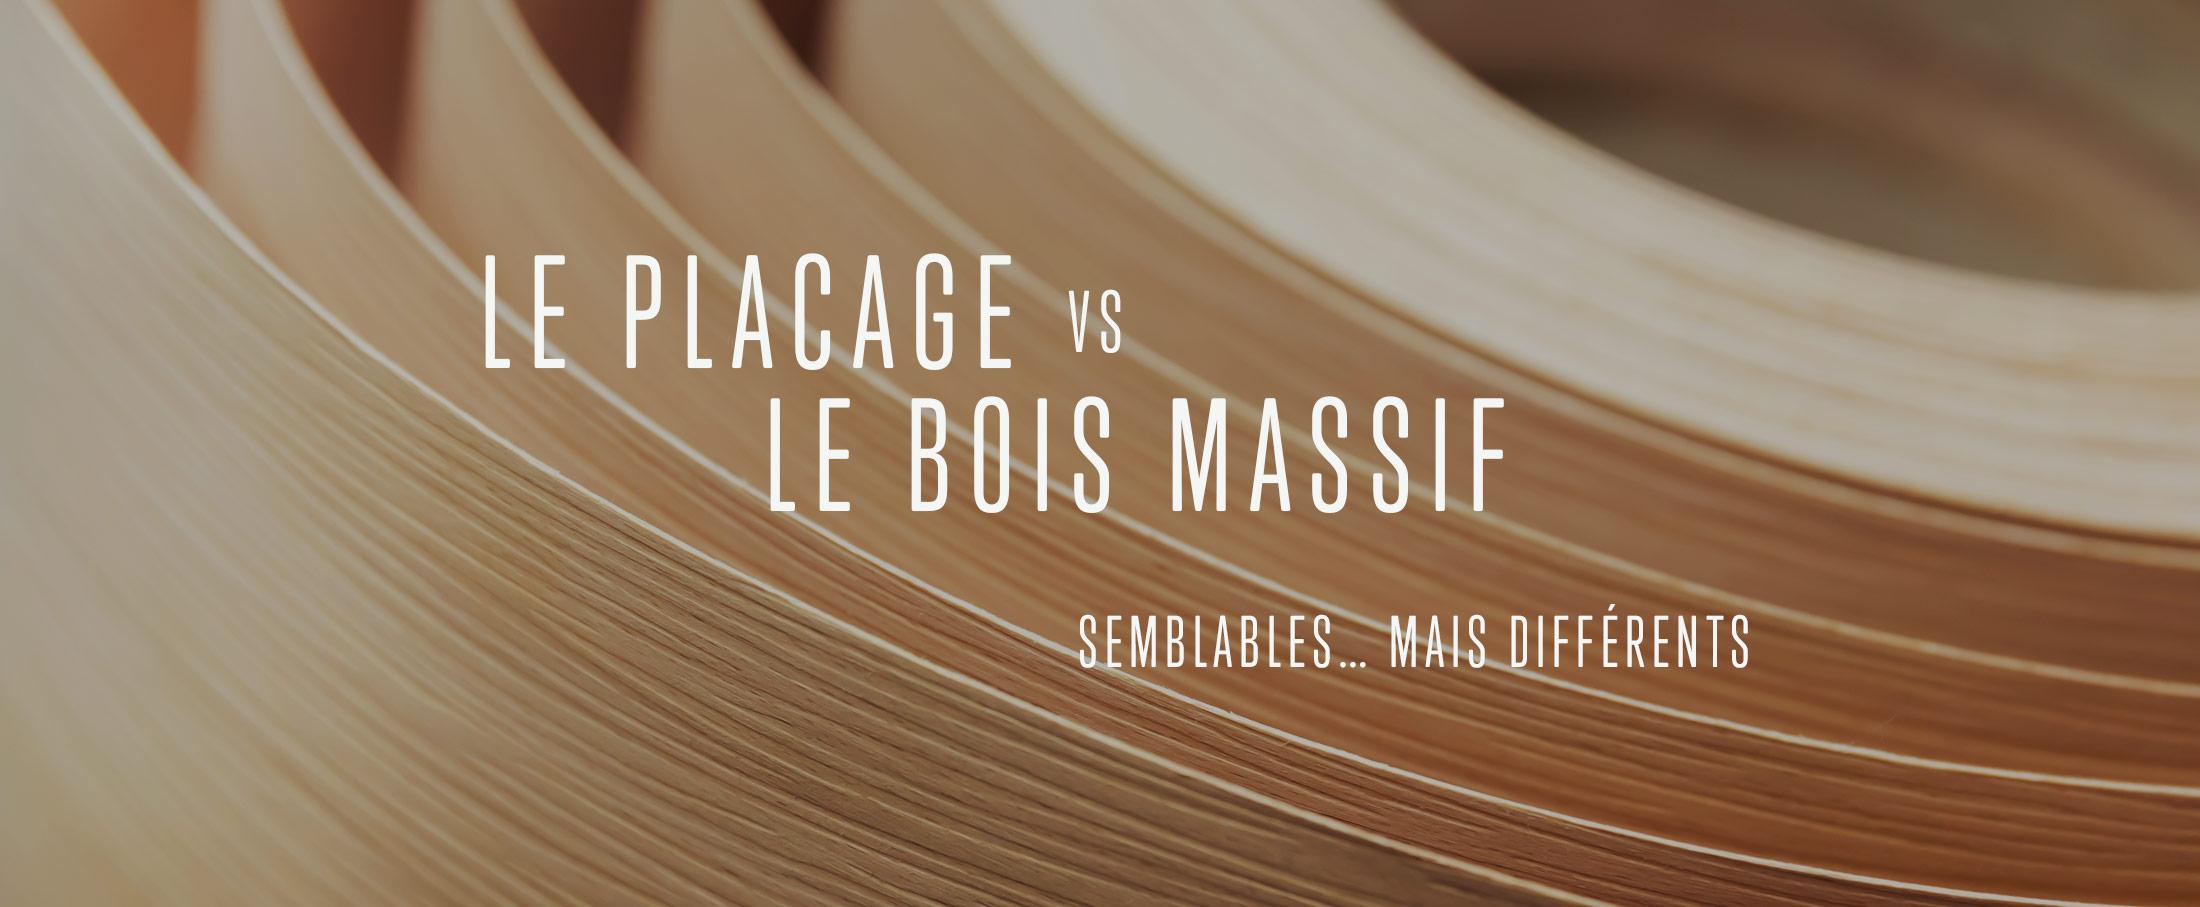 Le Placage Versus Le Bois Massif MMR